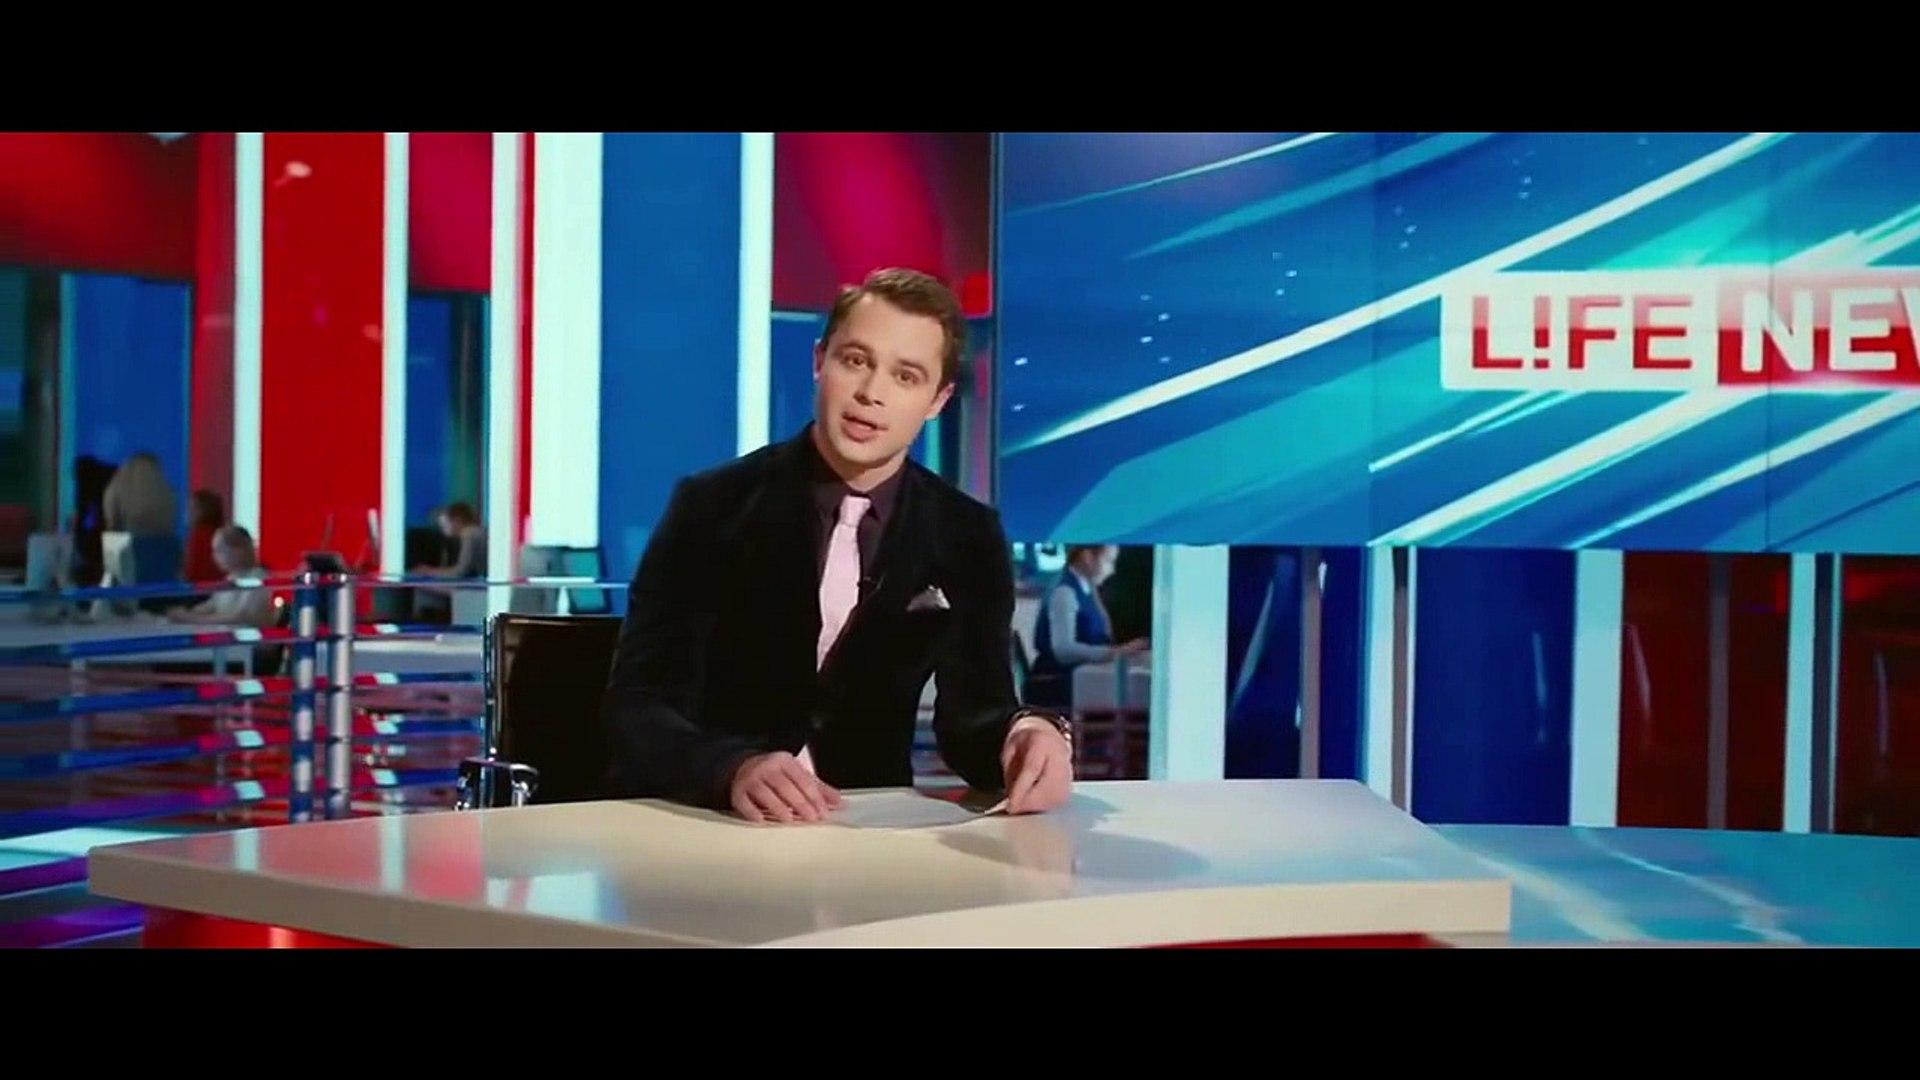 УГАРНАЯ КОМЕДИЯ ОДНОЯЙЦЕВЫЕ (2017) РОССИЯ КОМЕДИИ 2017 HD часть 1